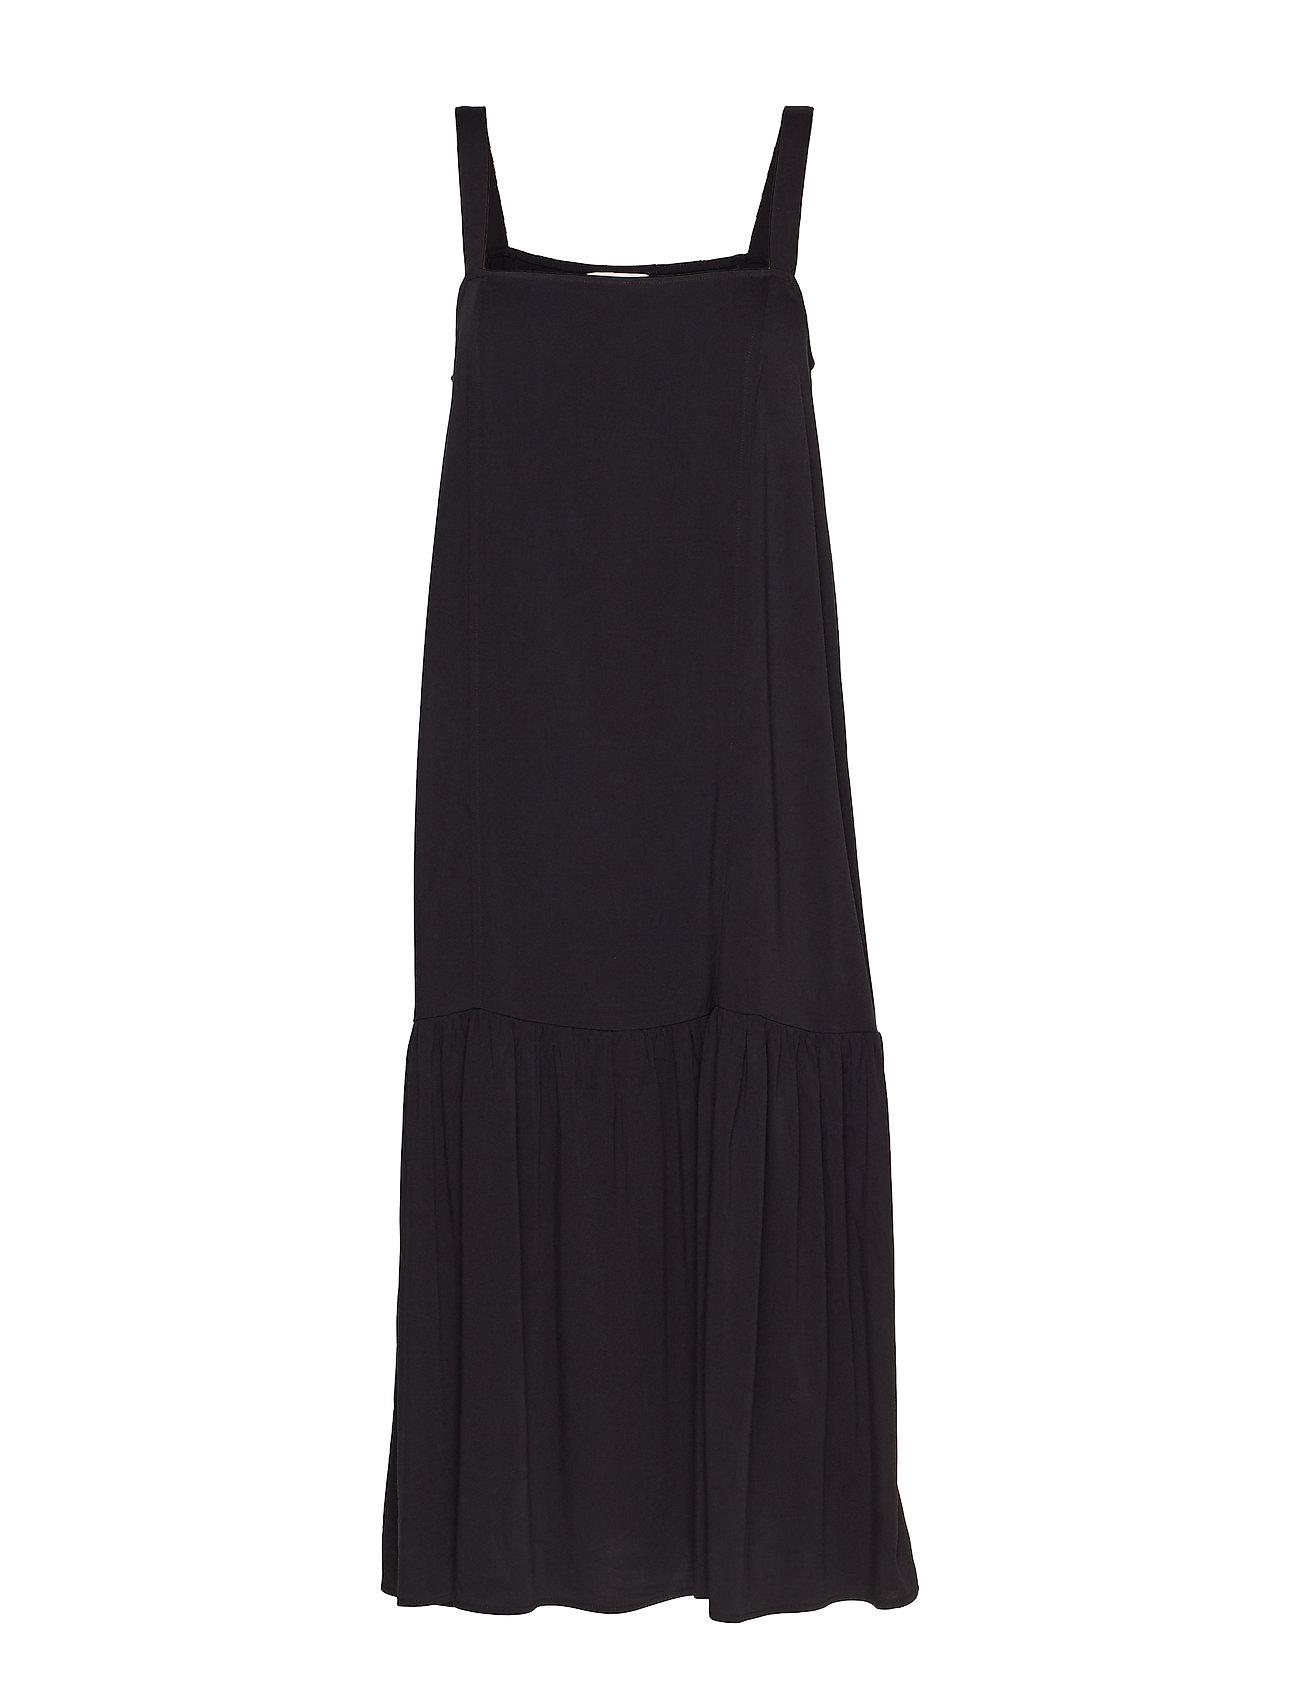 Envii ENCHARITON SL DRESS 6595 - BLACK